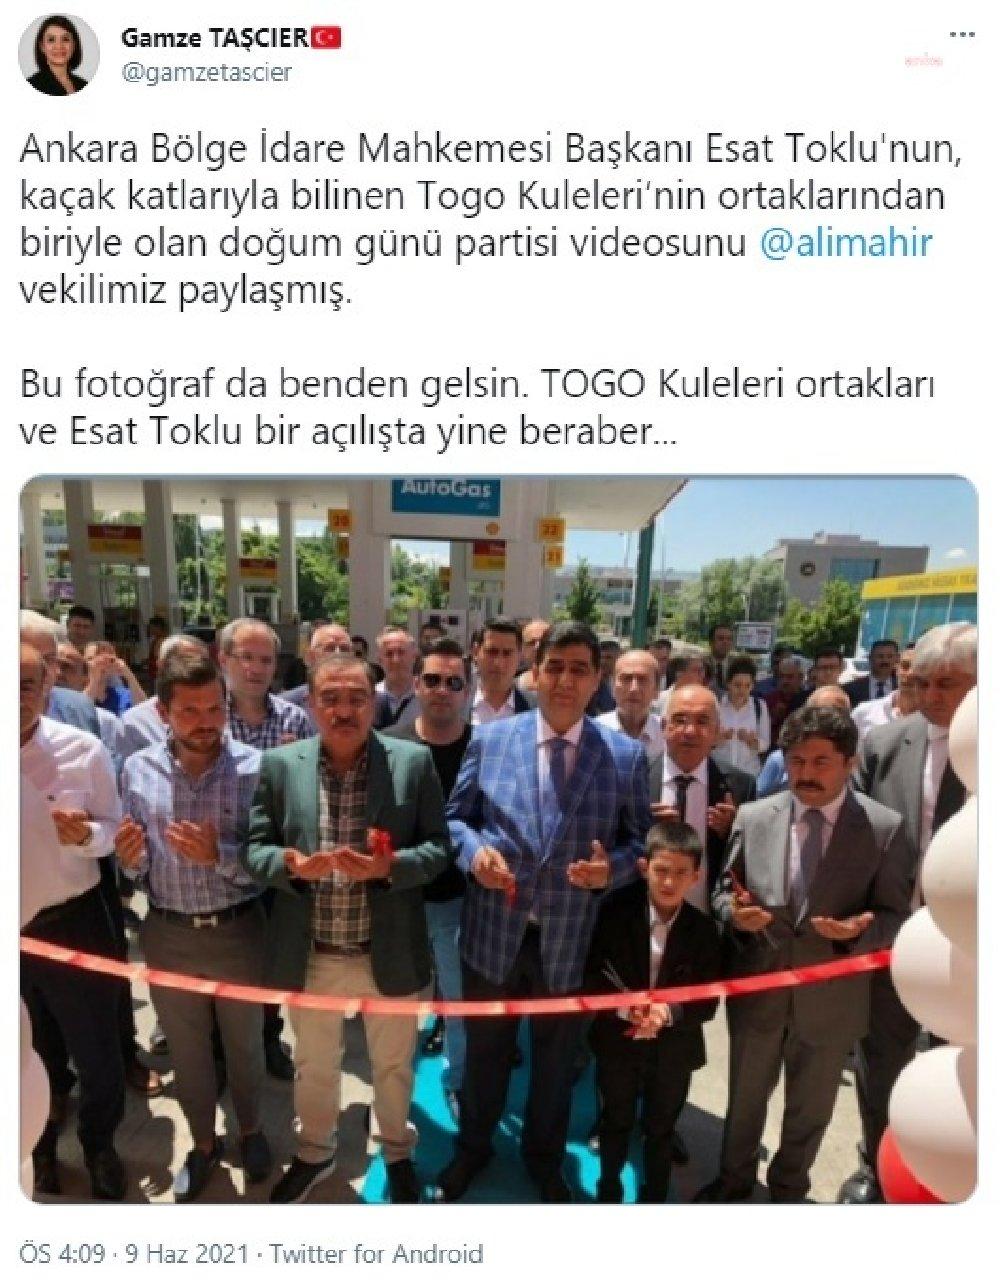 Esat Toklu ve TOGO Kuleleri ortakları yine bir açılışta beraberler